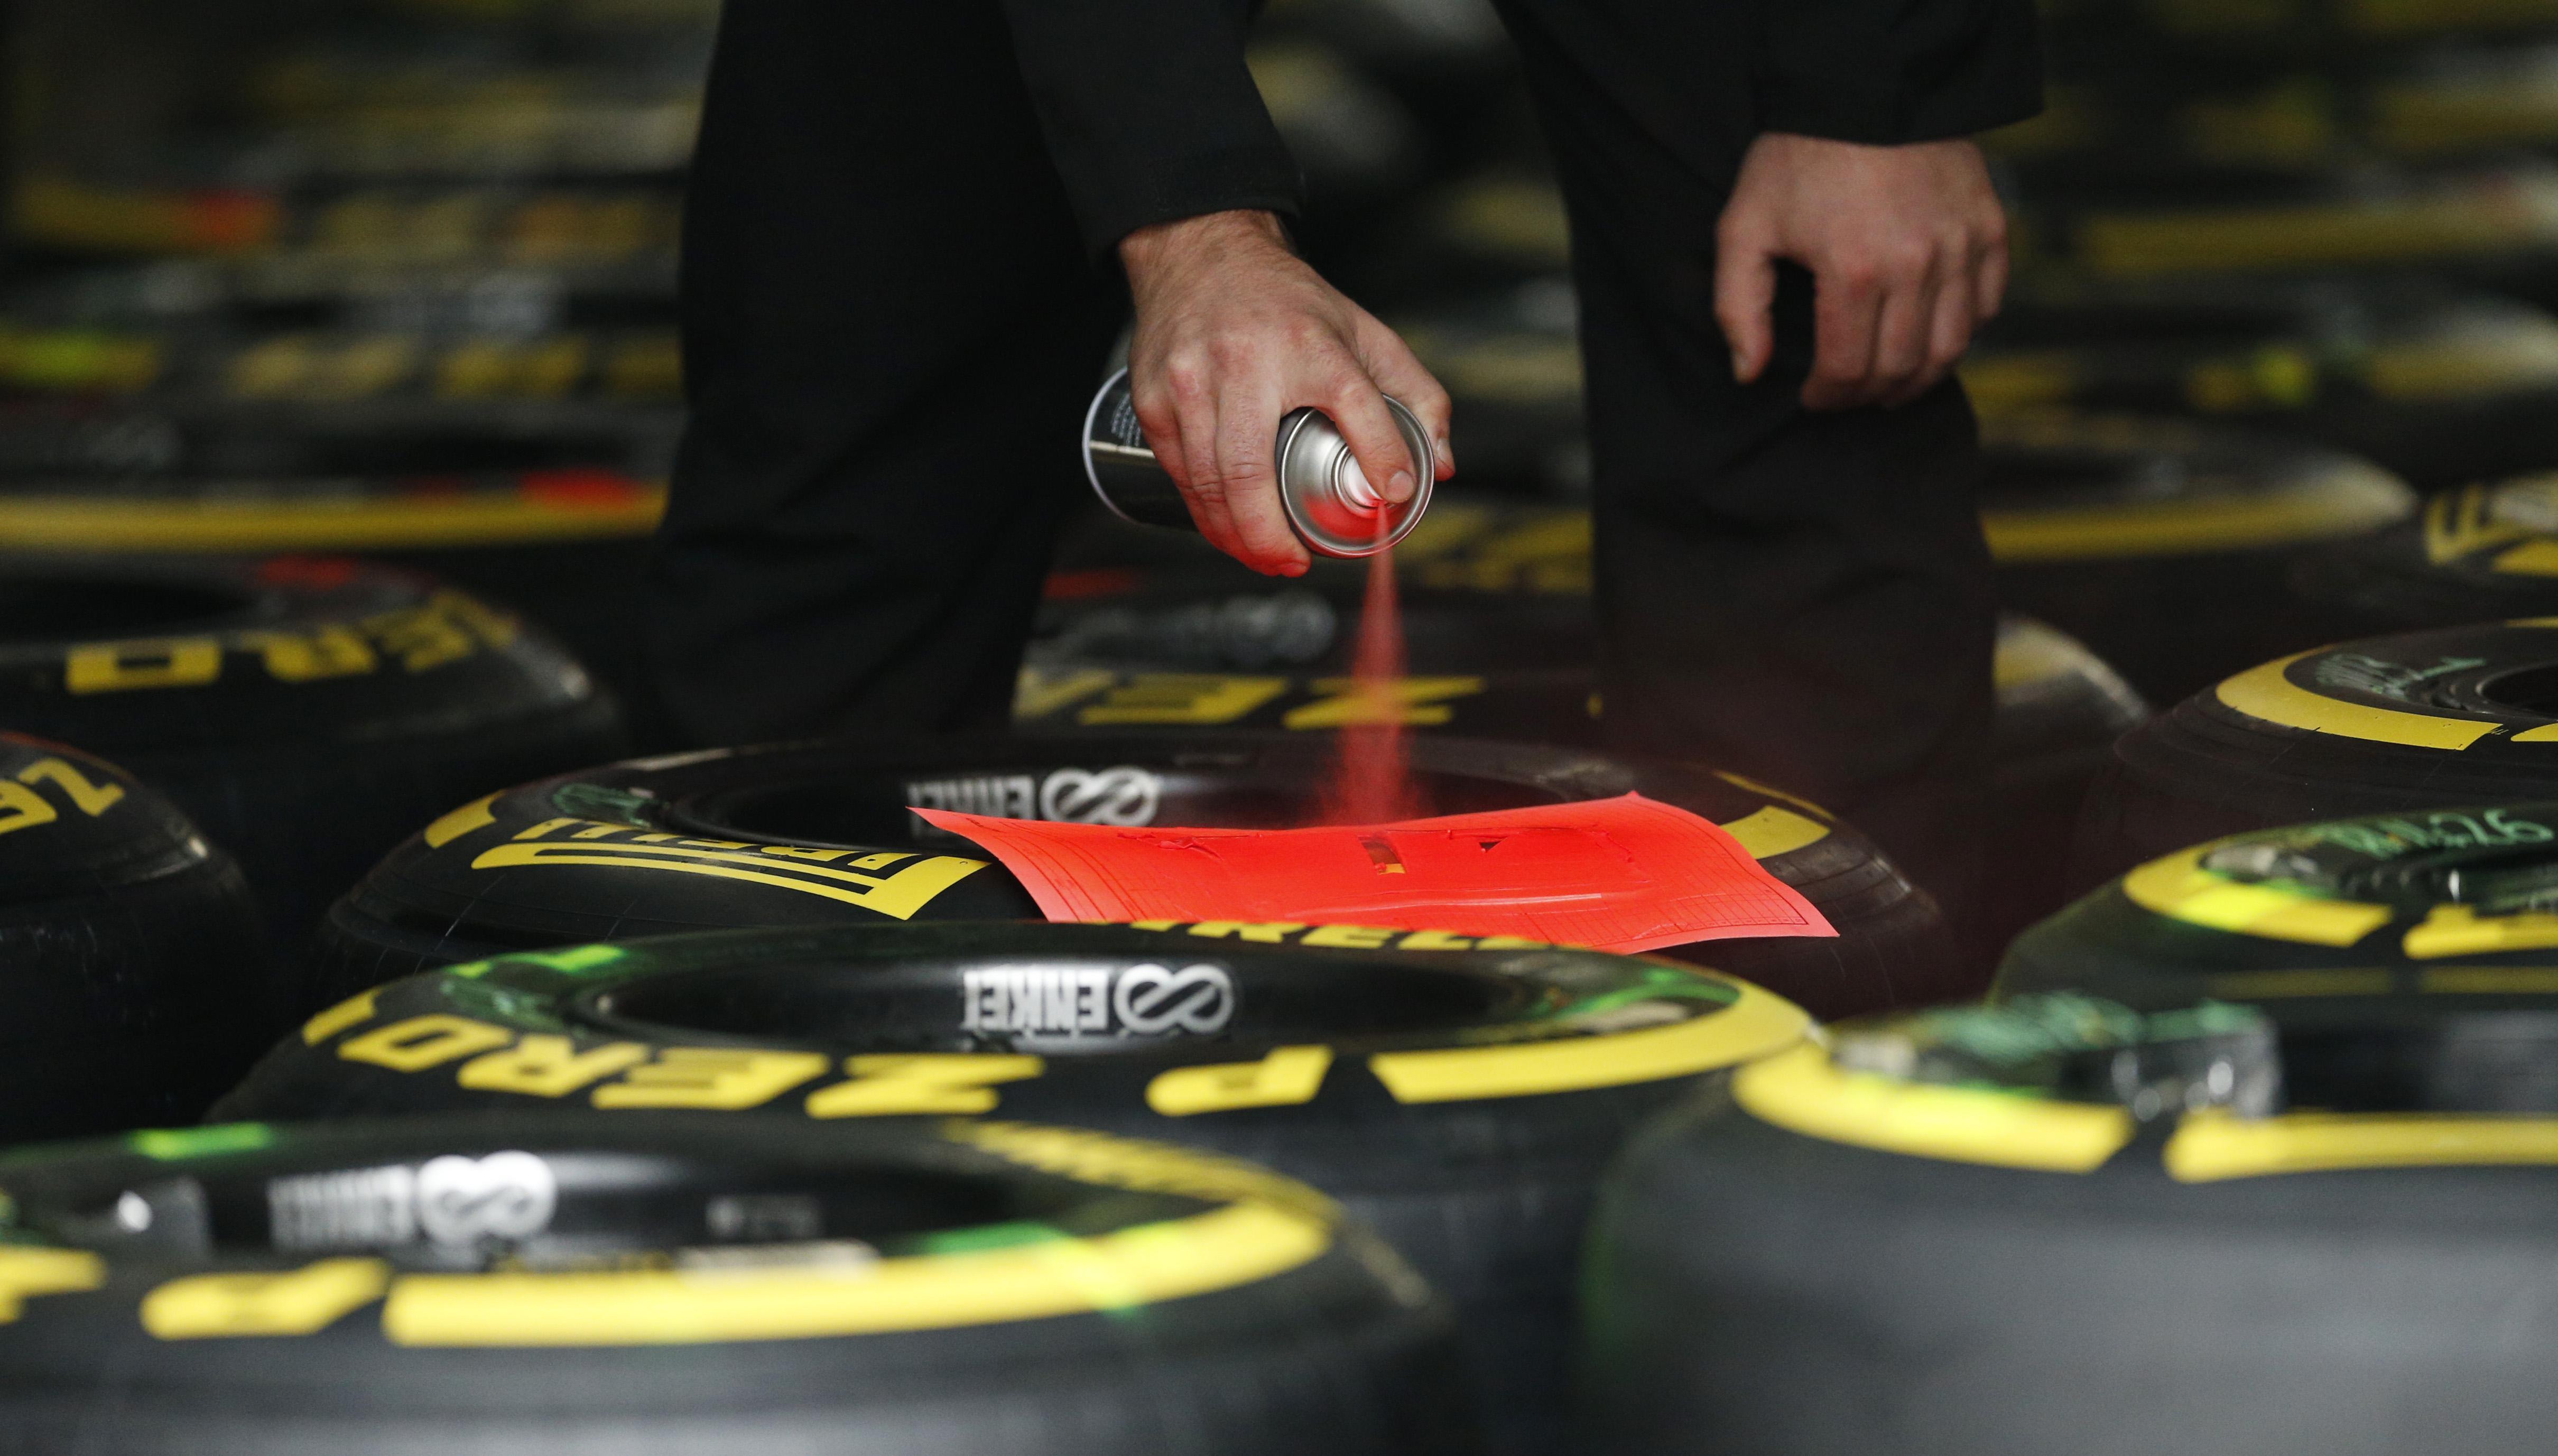 Каждая шина обладает собственным уникальным штрих-кодом, присваиваемым покрышке еще на заводе. Дополнительно резина маркируется уже на самом Гран-при.